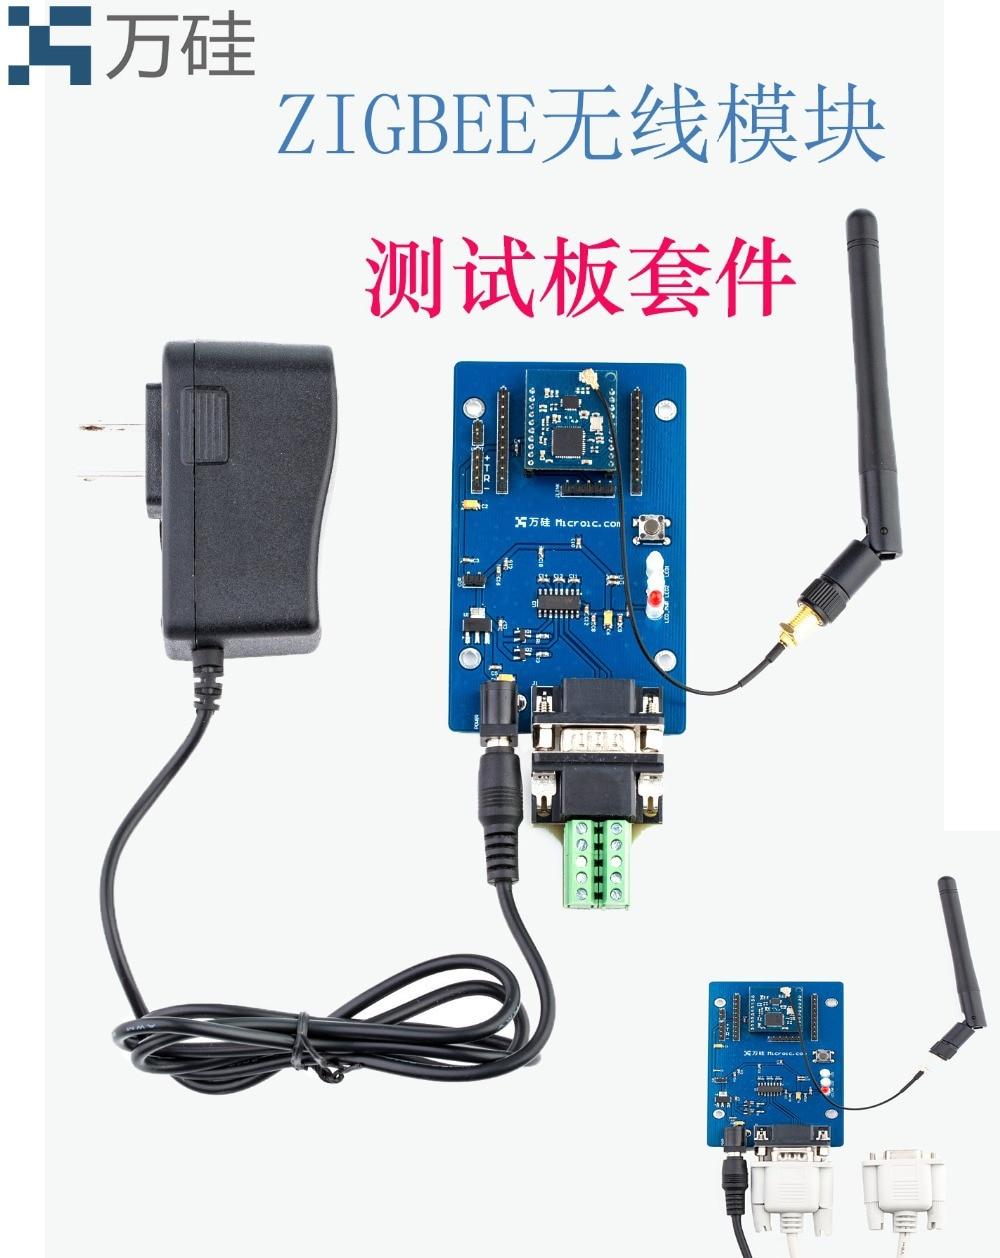 Free Shipping   ZIGBEE DEV-IM-T1 Wireless Module Testing Board Kit ZIGBEE Development Board With Power Antenna